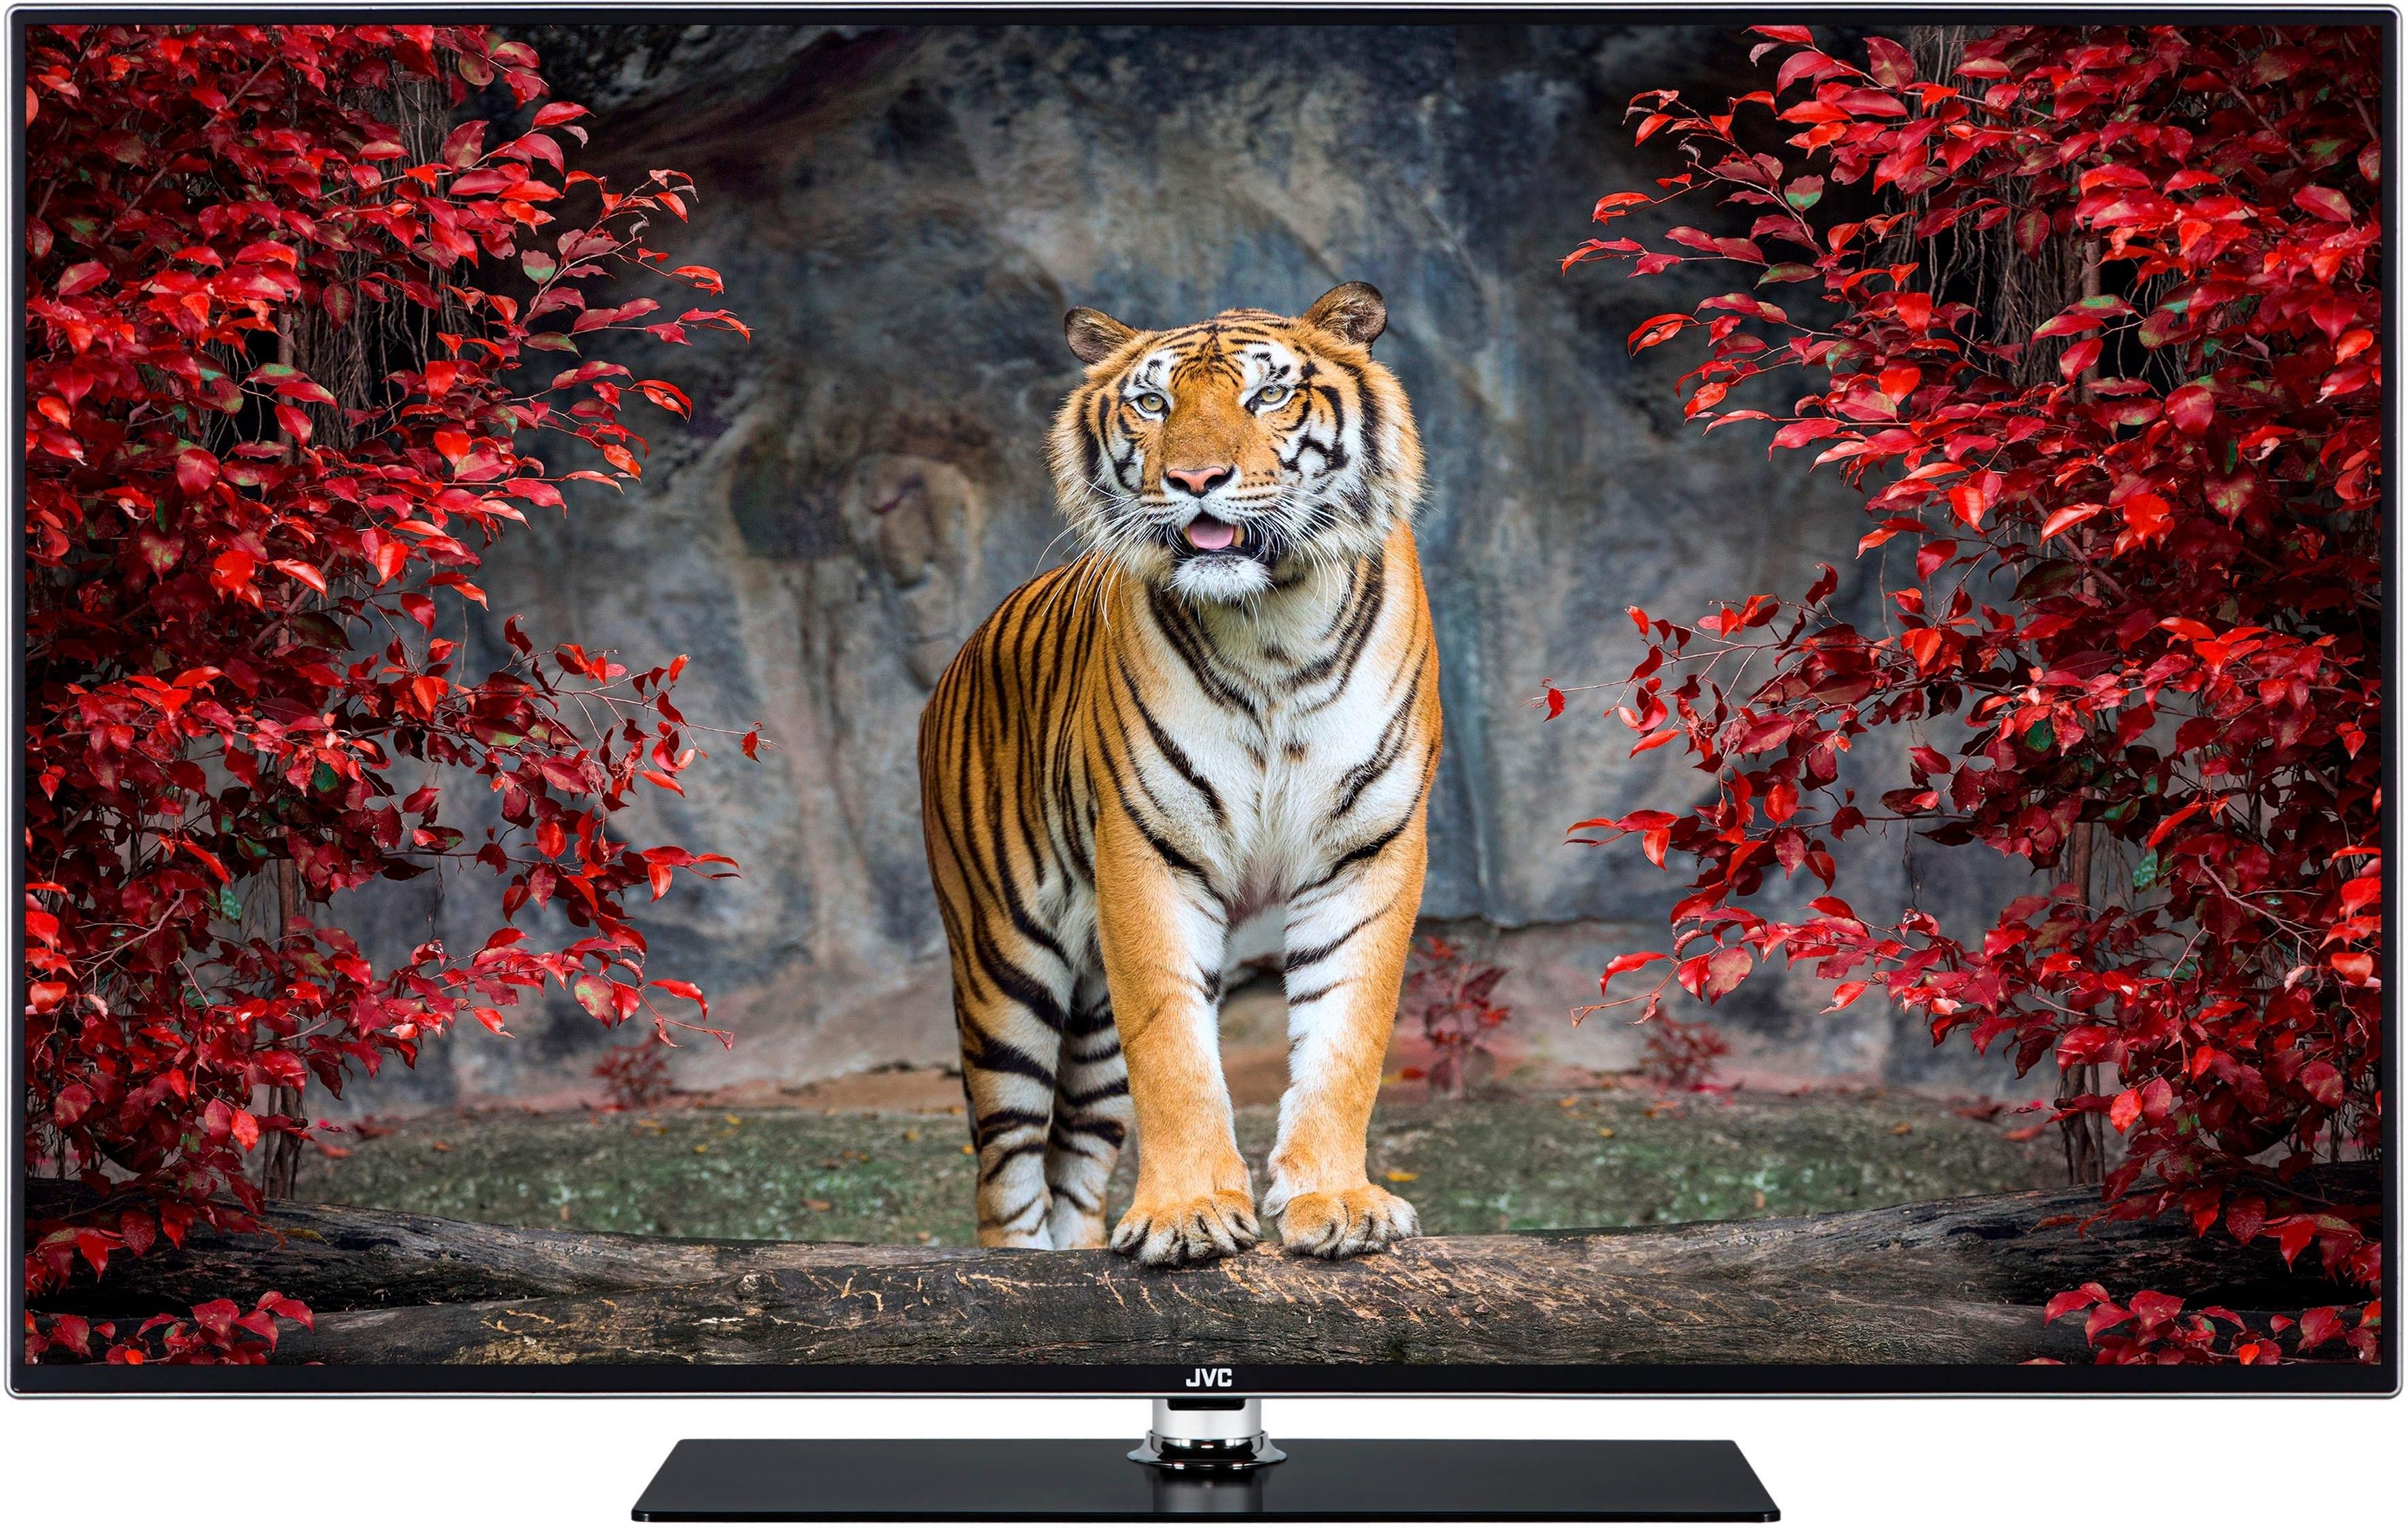 JVC LT-55VU92J LED-TV (139 cm / (55 inch)), 4K Ultra HD, Smart TV - verschillende betaalmethodes